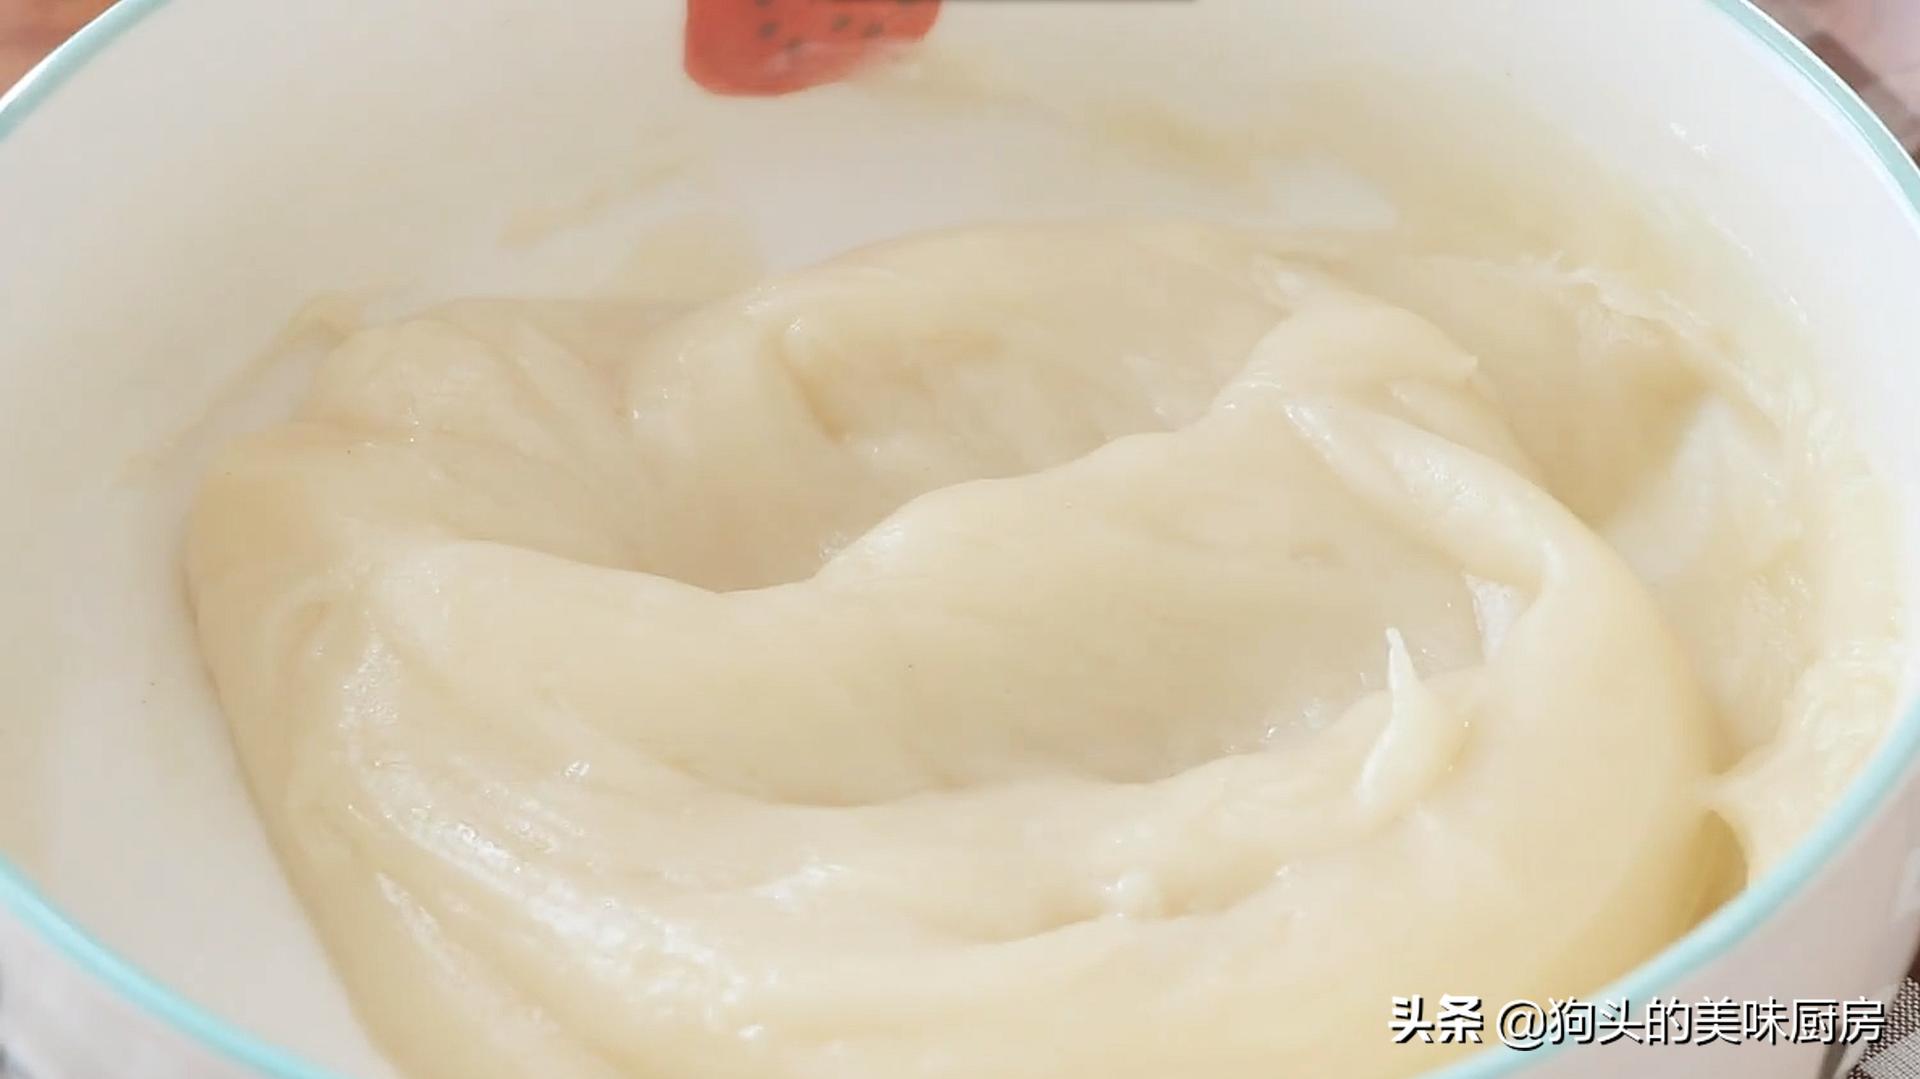 糯米粉跟花生这样做太好吃了,软糯香甜会拉丝,比汤圆还好吃 美食做法 第12张